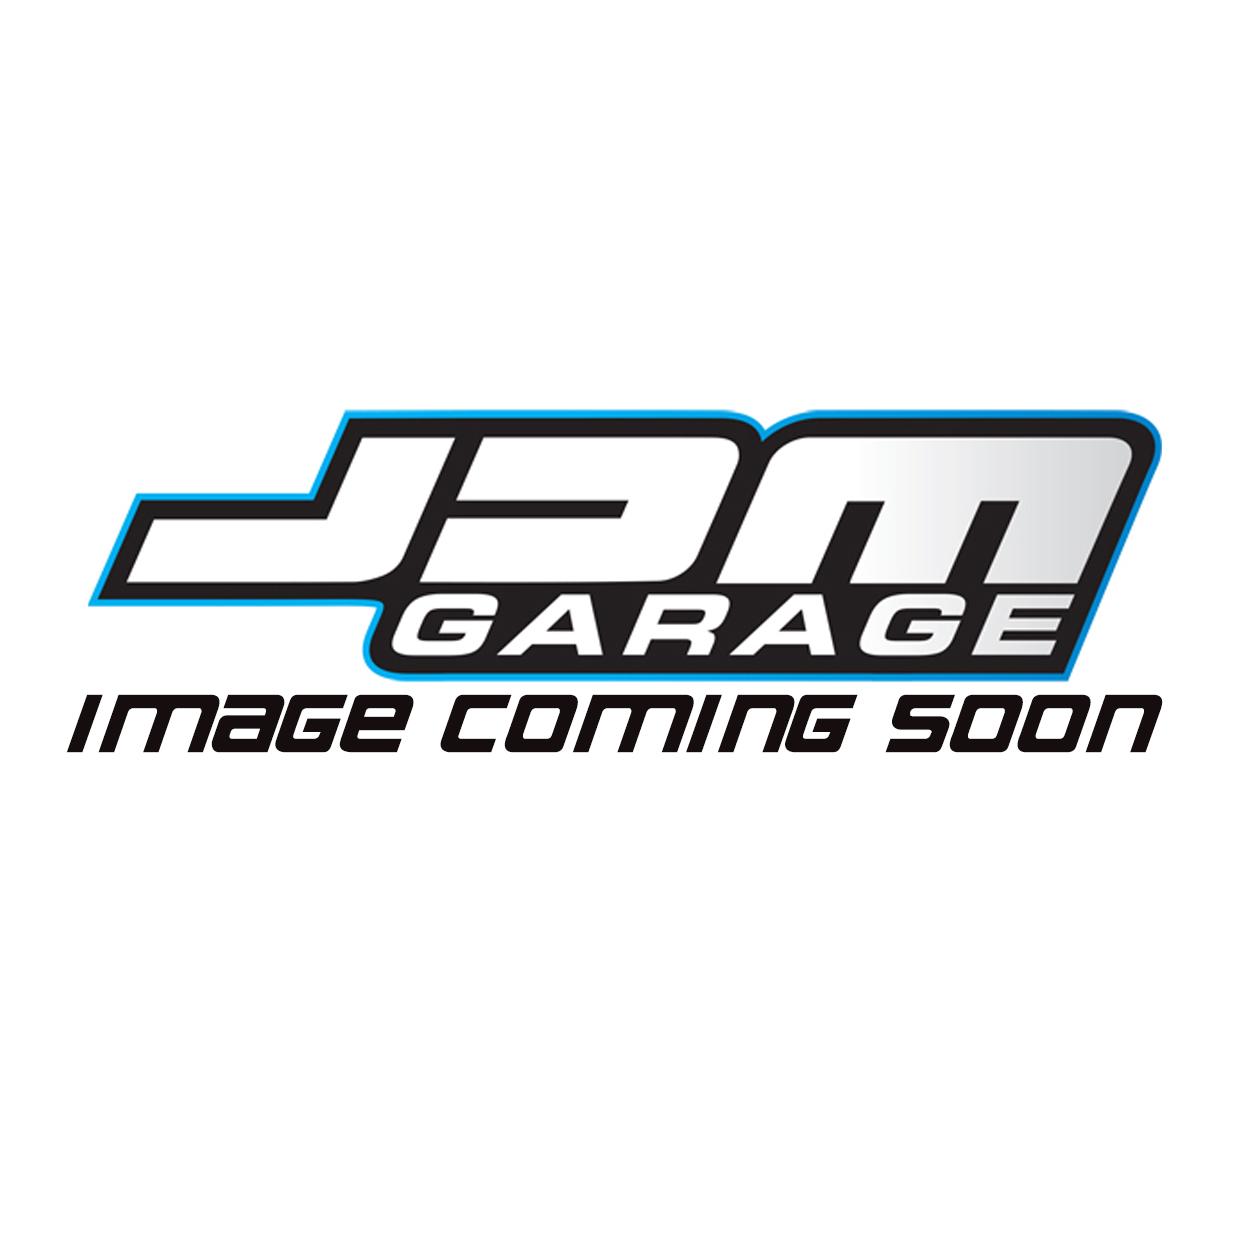 R35 GTR Air Flow Meter Upgrade For RB26DETT GTR